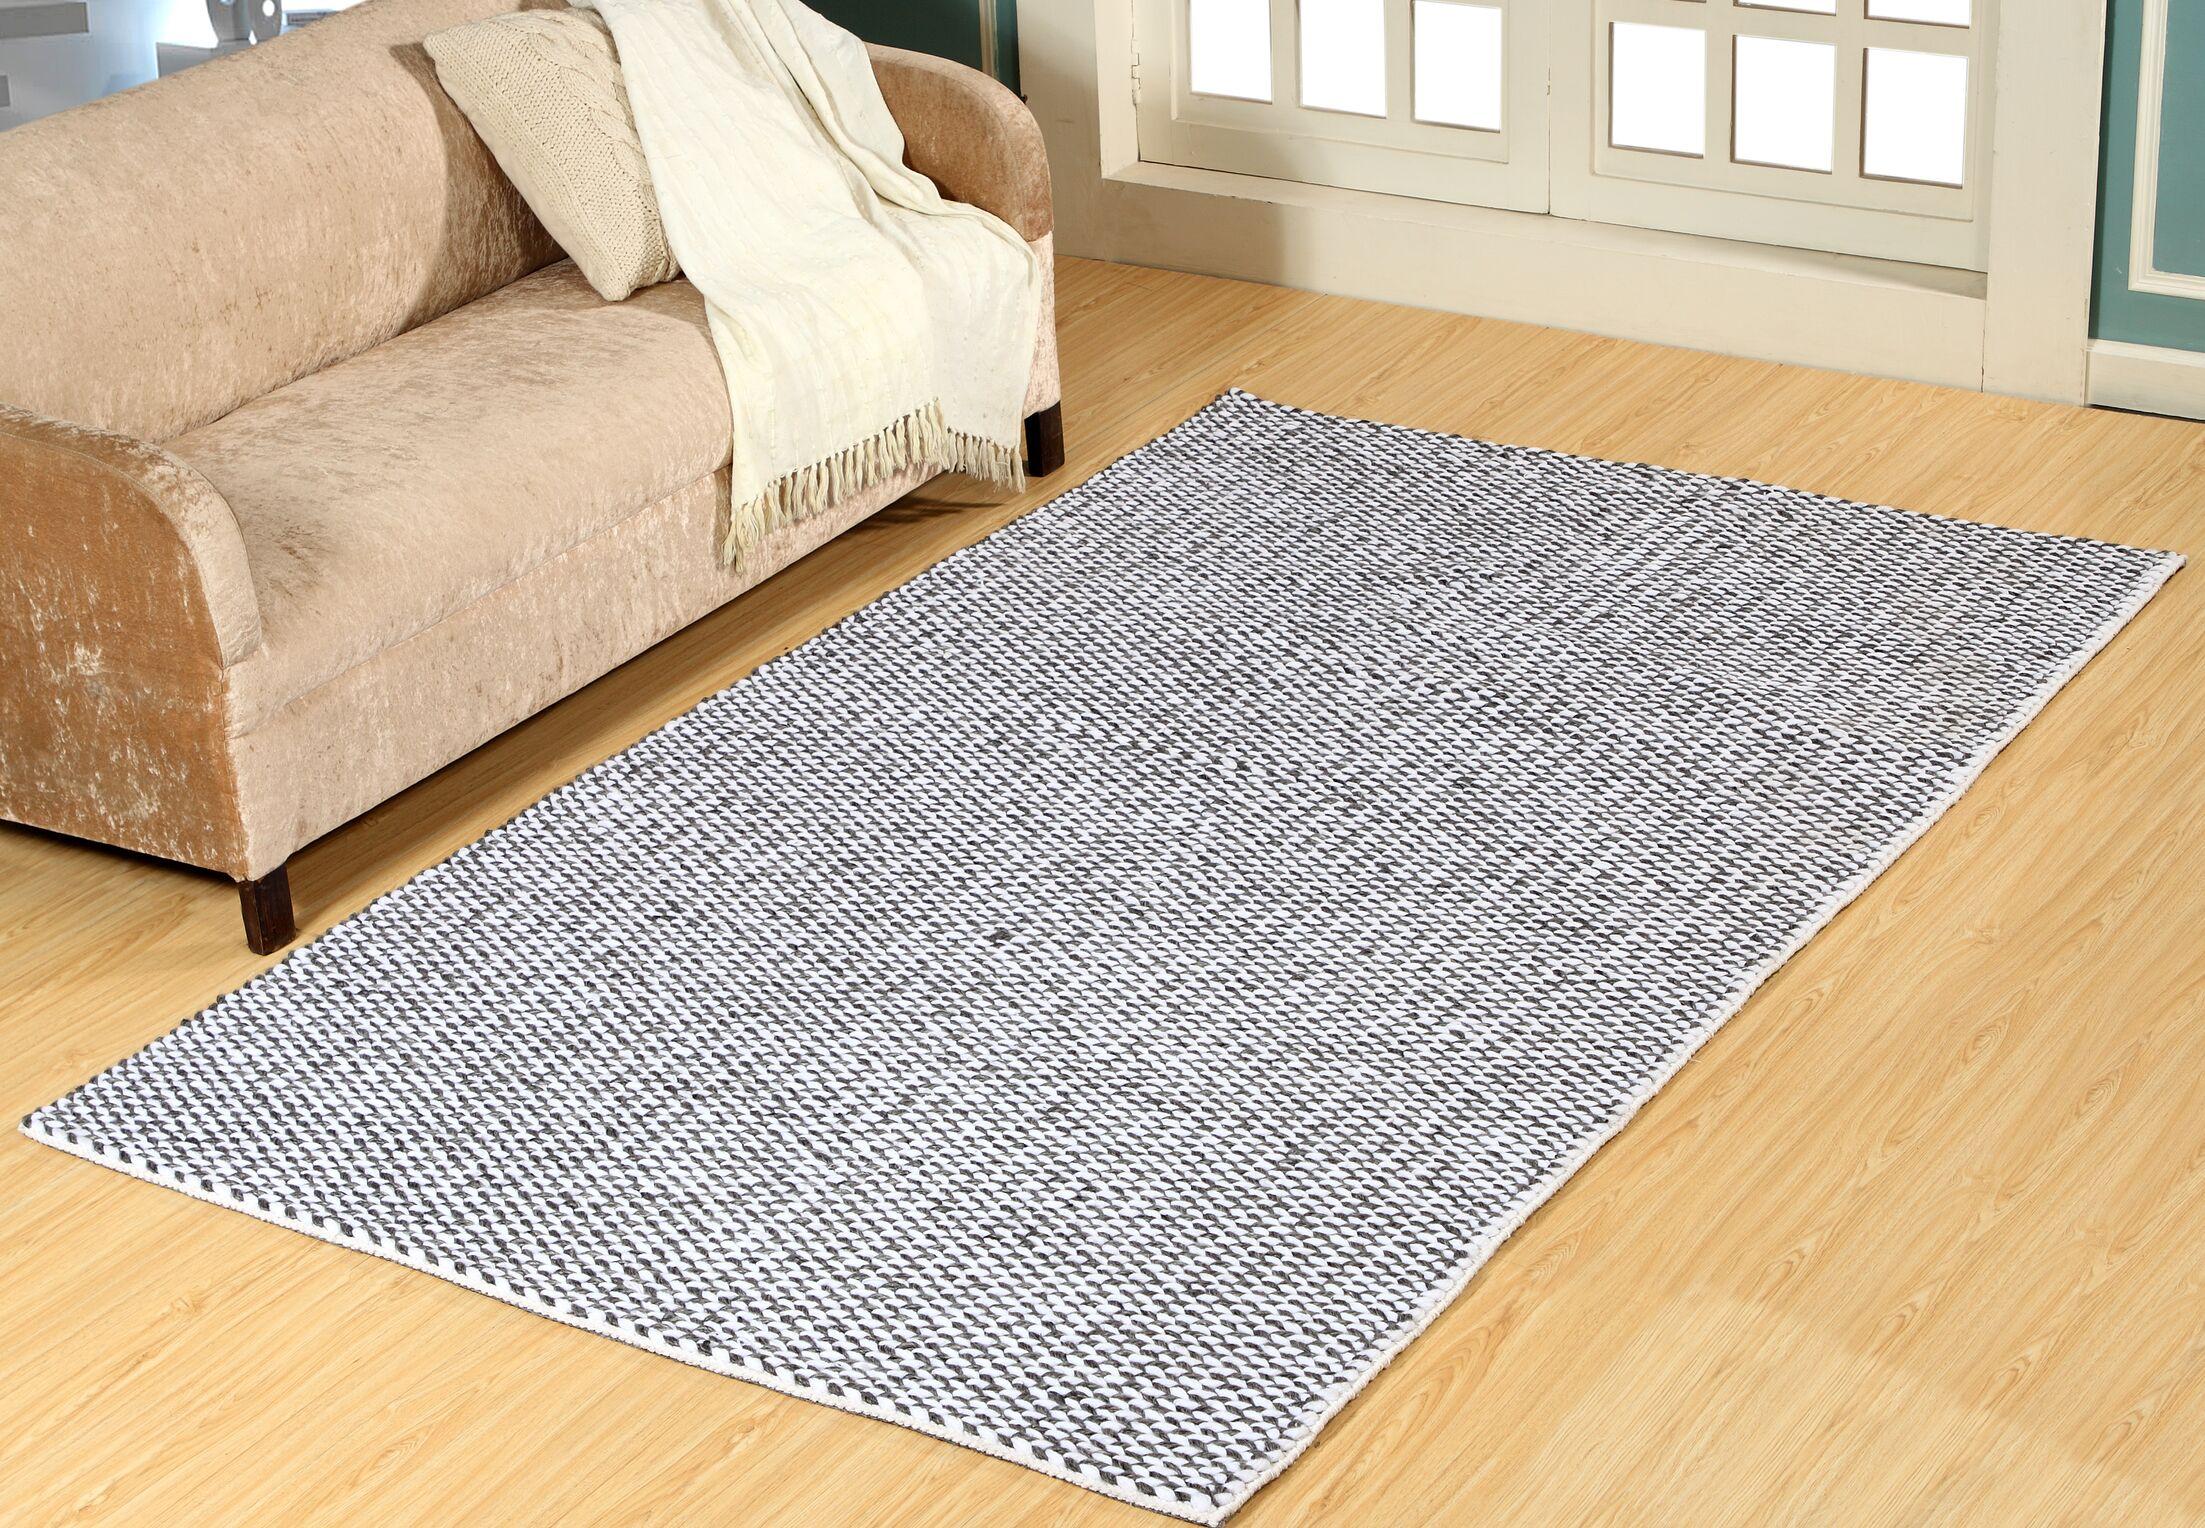 Elbridge Hand-Woven Charcoal Area Rug Rug Size: Rectangle 2' x 4'